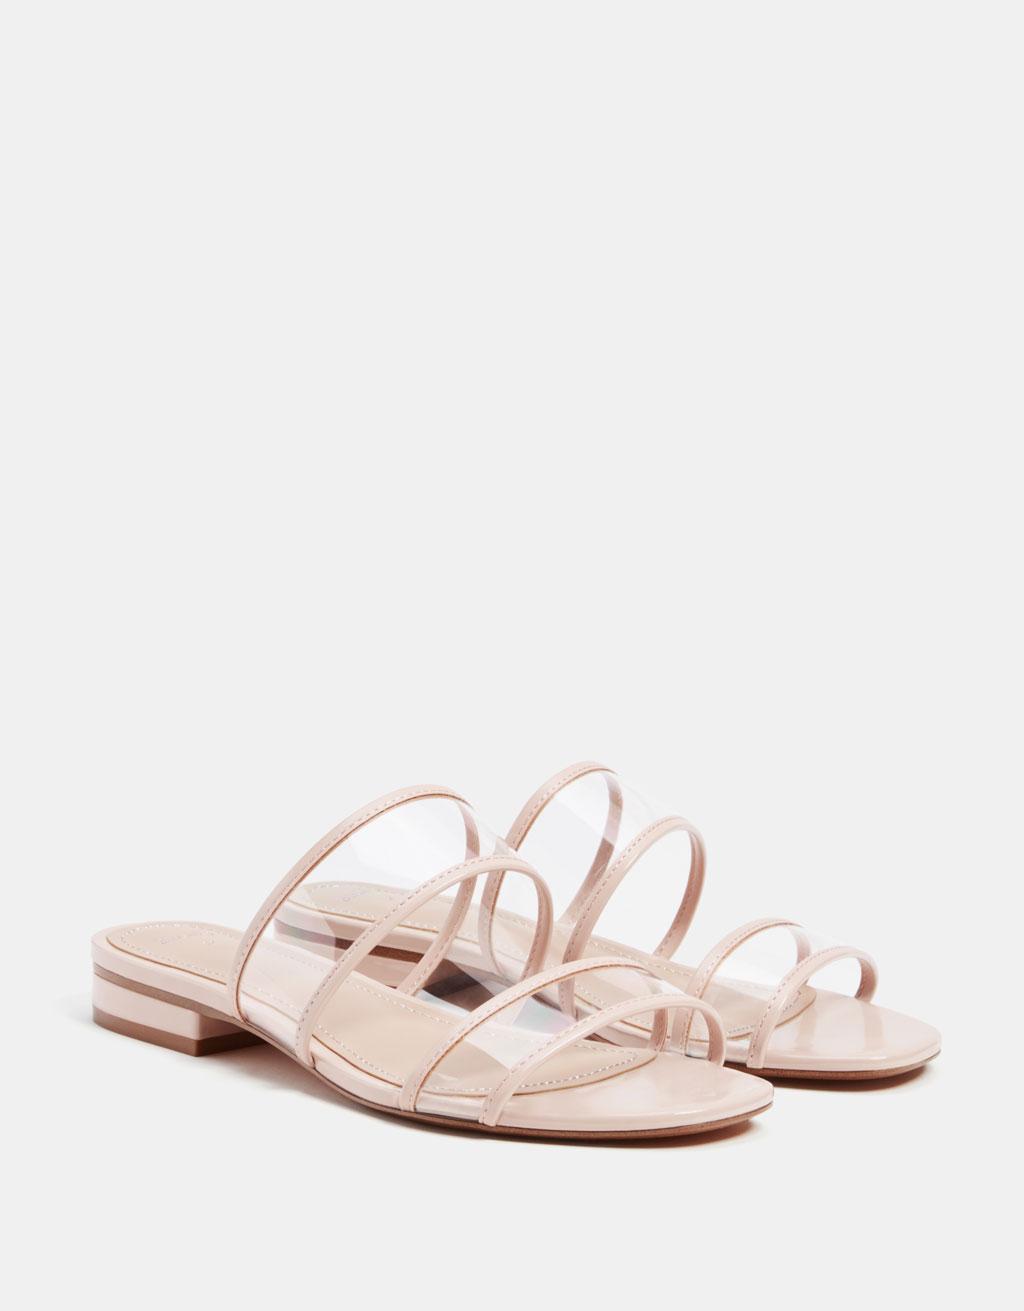 Flat vinyl sandals